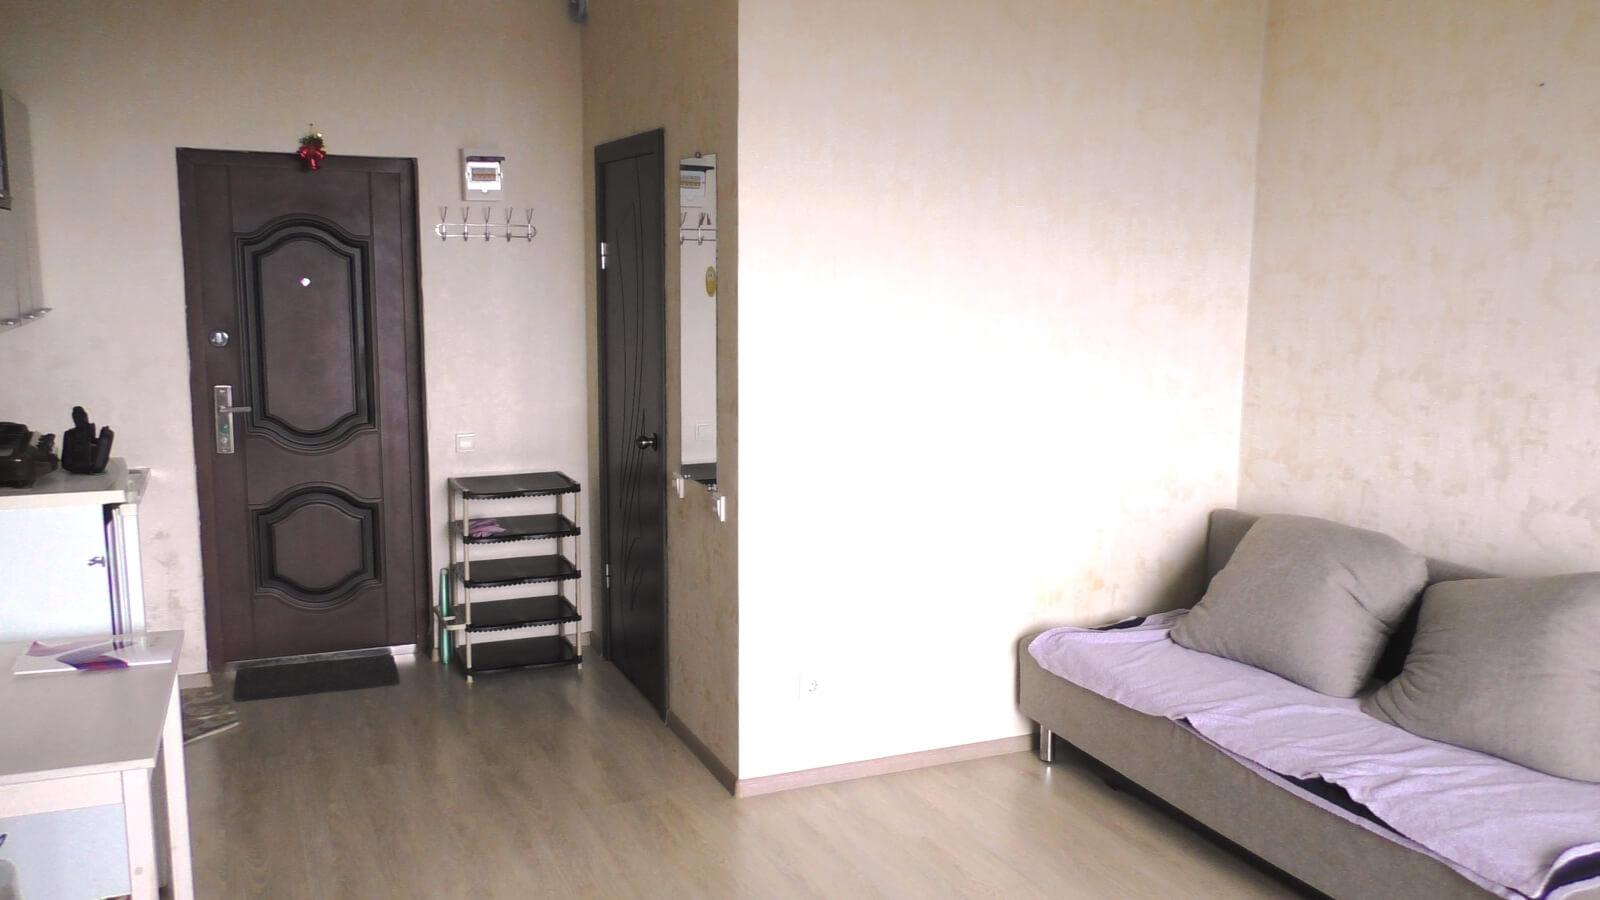 Продажа квартиры-студии в ЖК Карусель (25,5 м²)